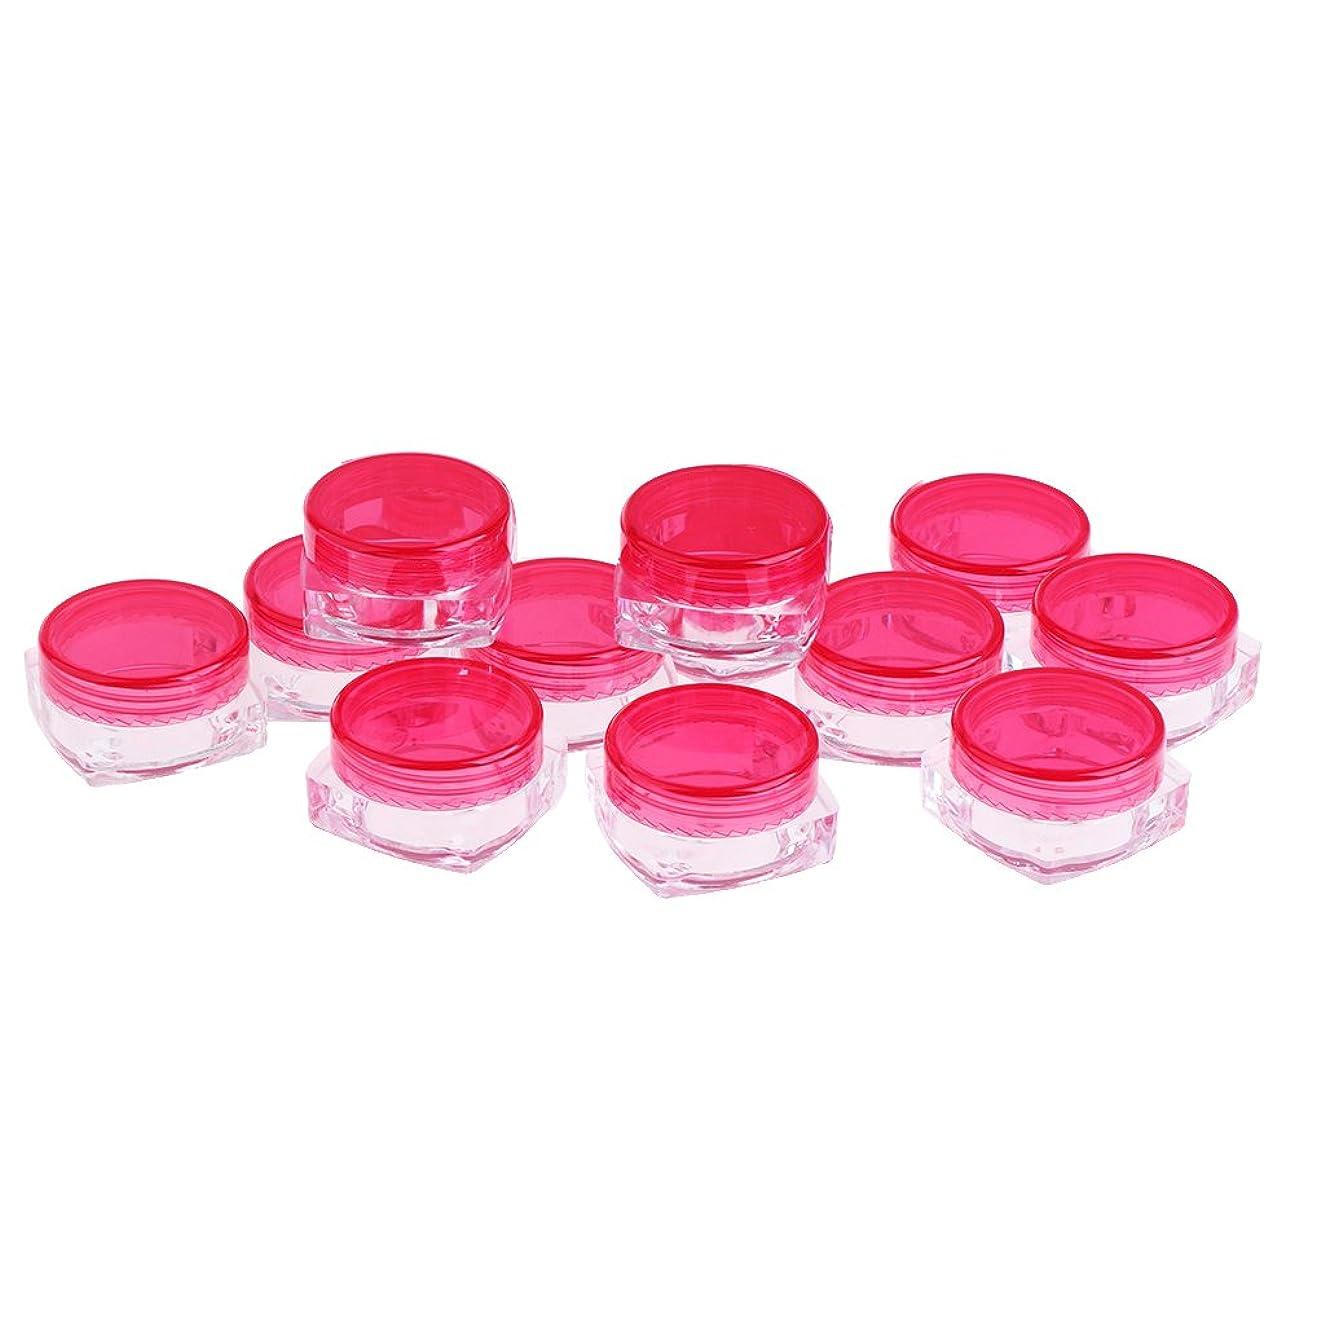 新しい意味階段イチゴBaosity 5g クリームケース 化粧品用 詰め替えボトル 小分けボトル 化粧品 収納 携帯用 旅行小物 12個入り 全5色 - ローズ